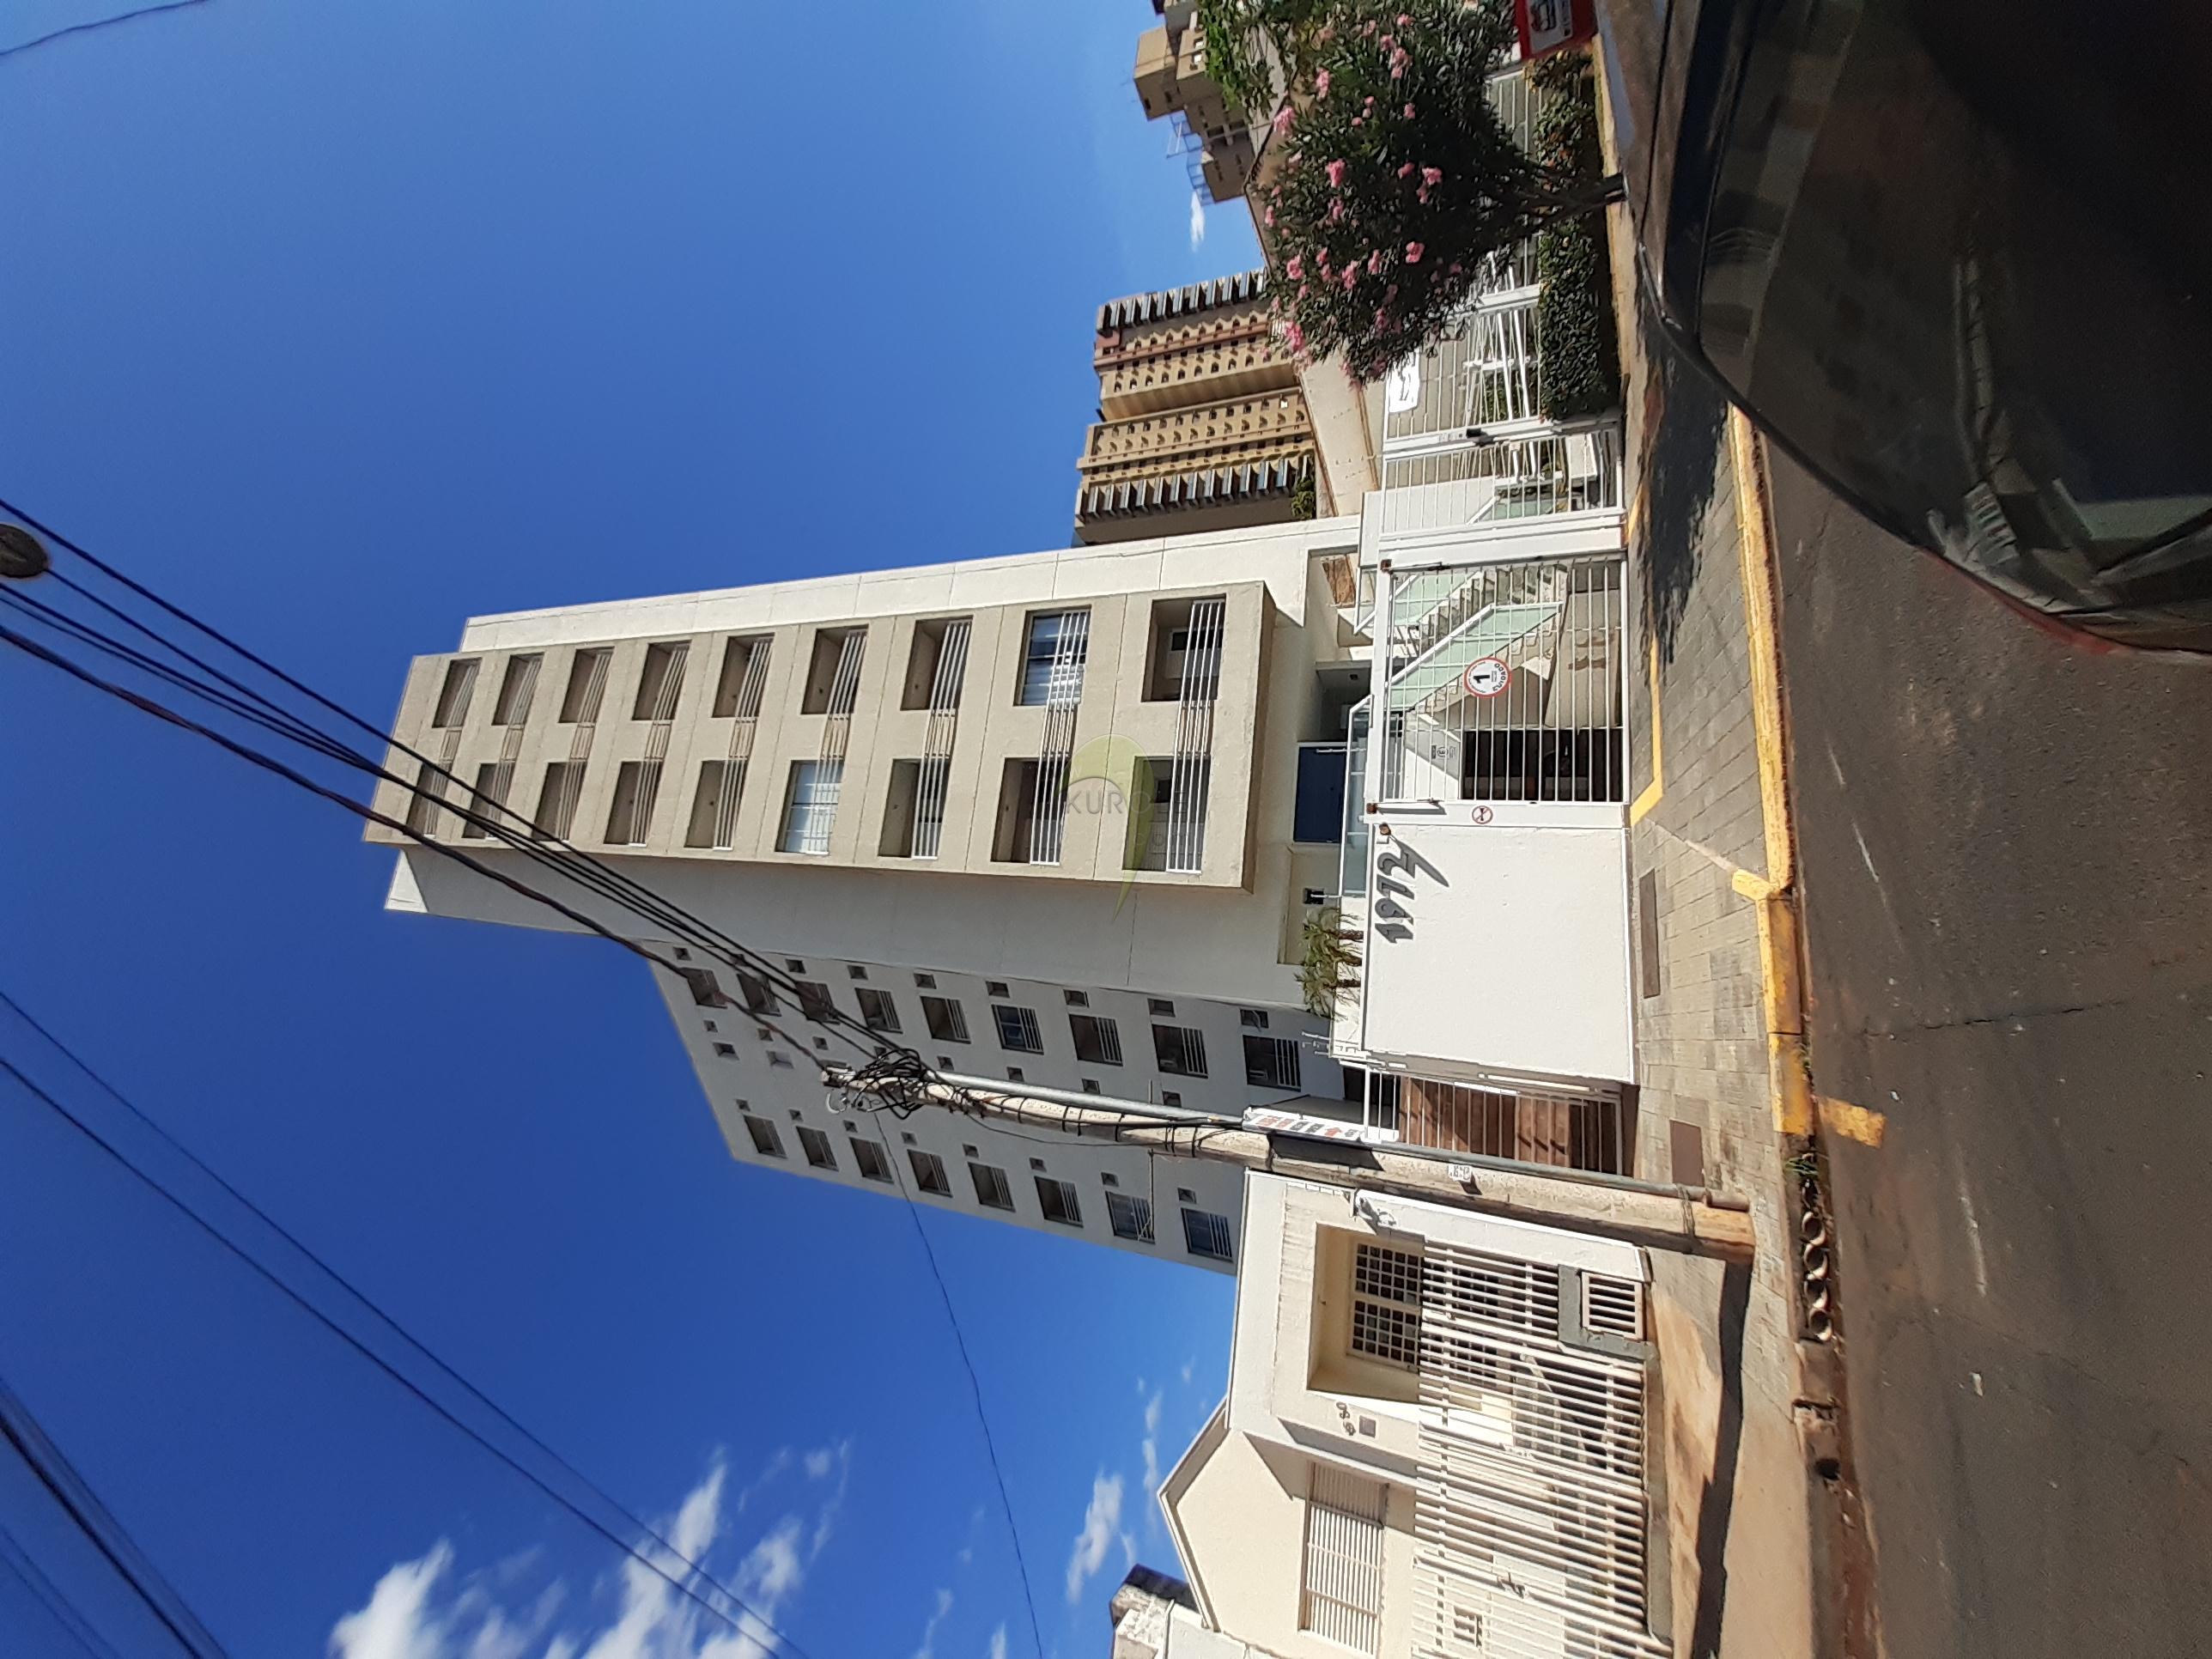 alt='Alugar Apartamento / Cobertura em Ribeirão Preto R$ 11,00 - Foto 47' title='Alugar Apartamento / Cobertura em Ribeirão Preto R$ 11,00 - Foto 47'